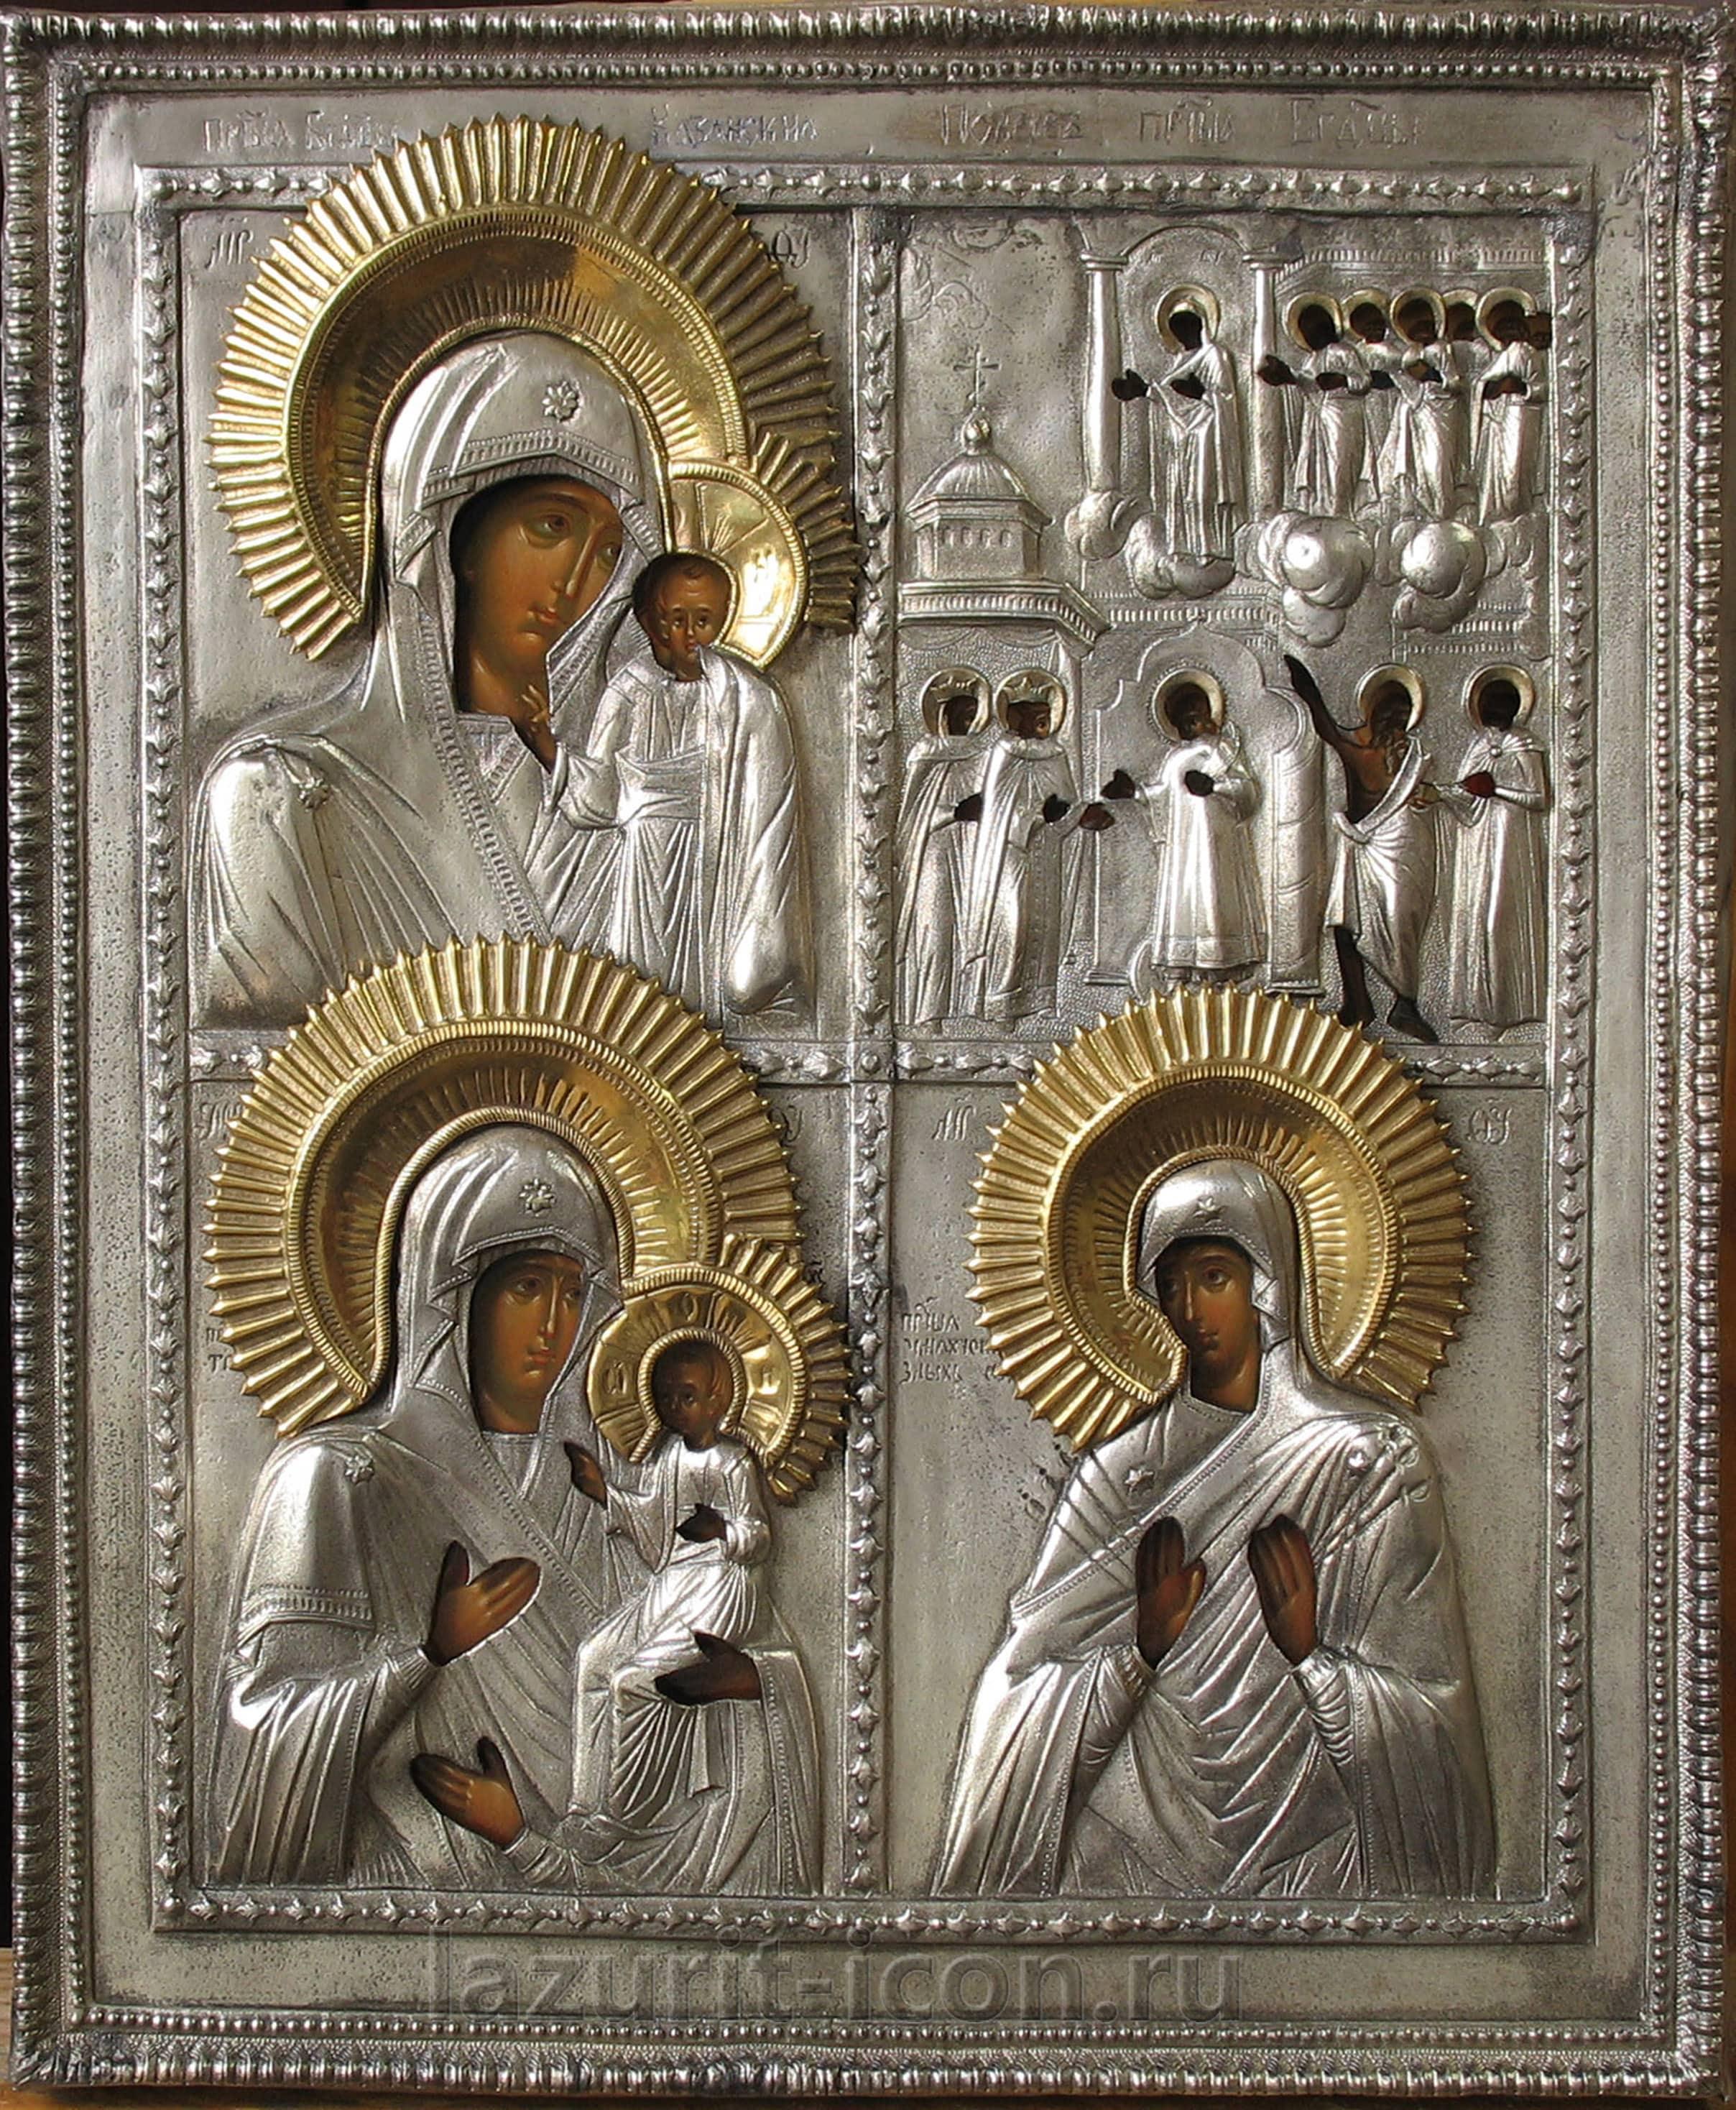 Четырехчастная икона Божией Матери в окладе